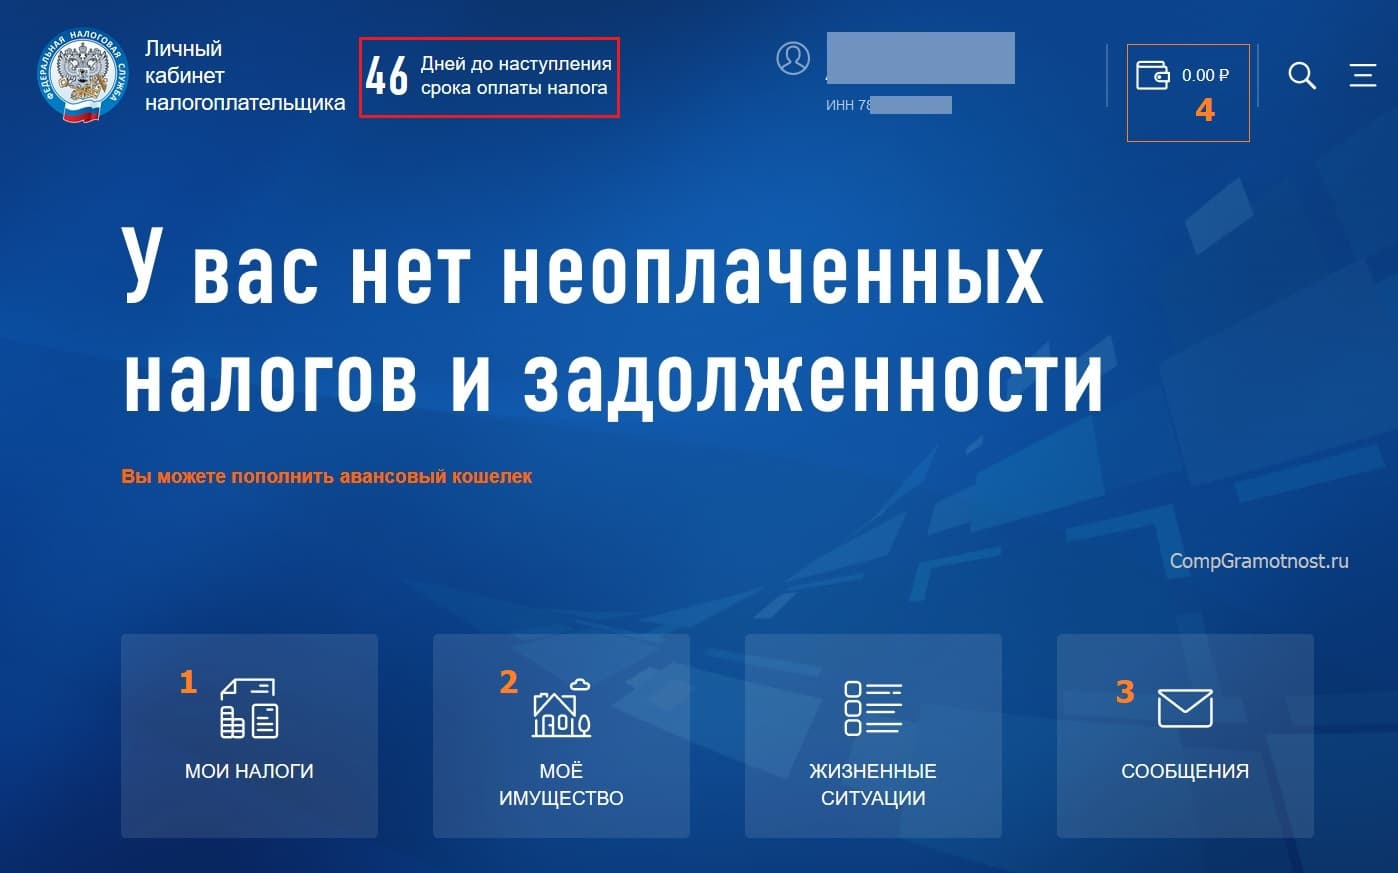 личный кабинет налогоплательщика сайт ФНС